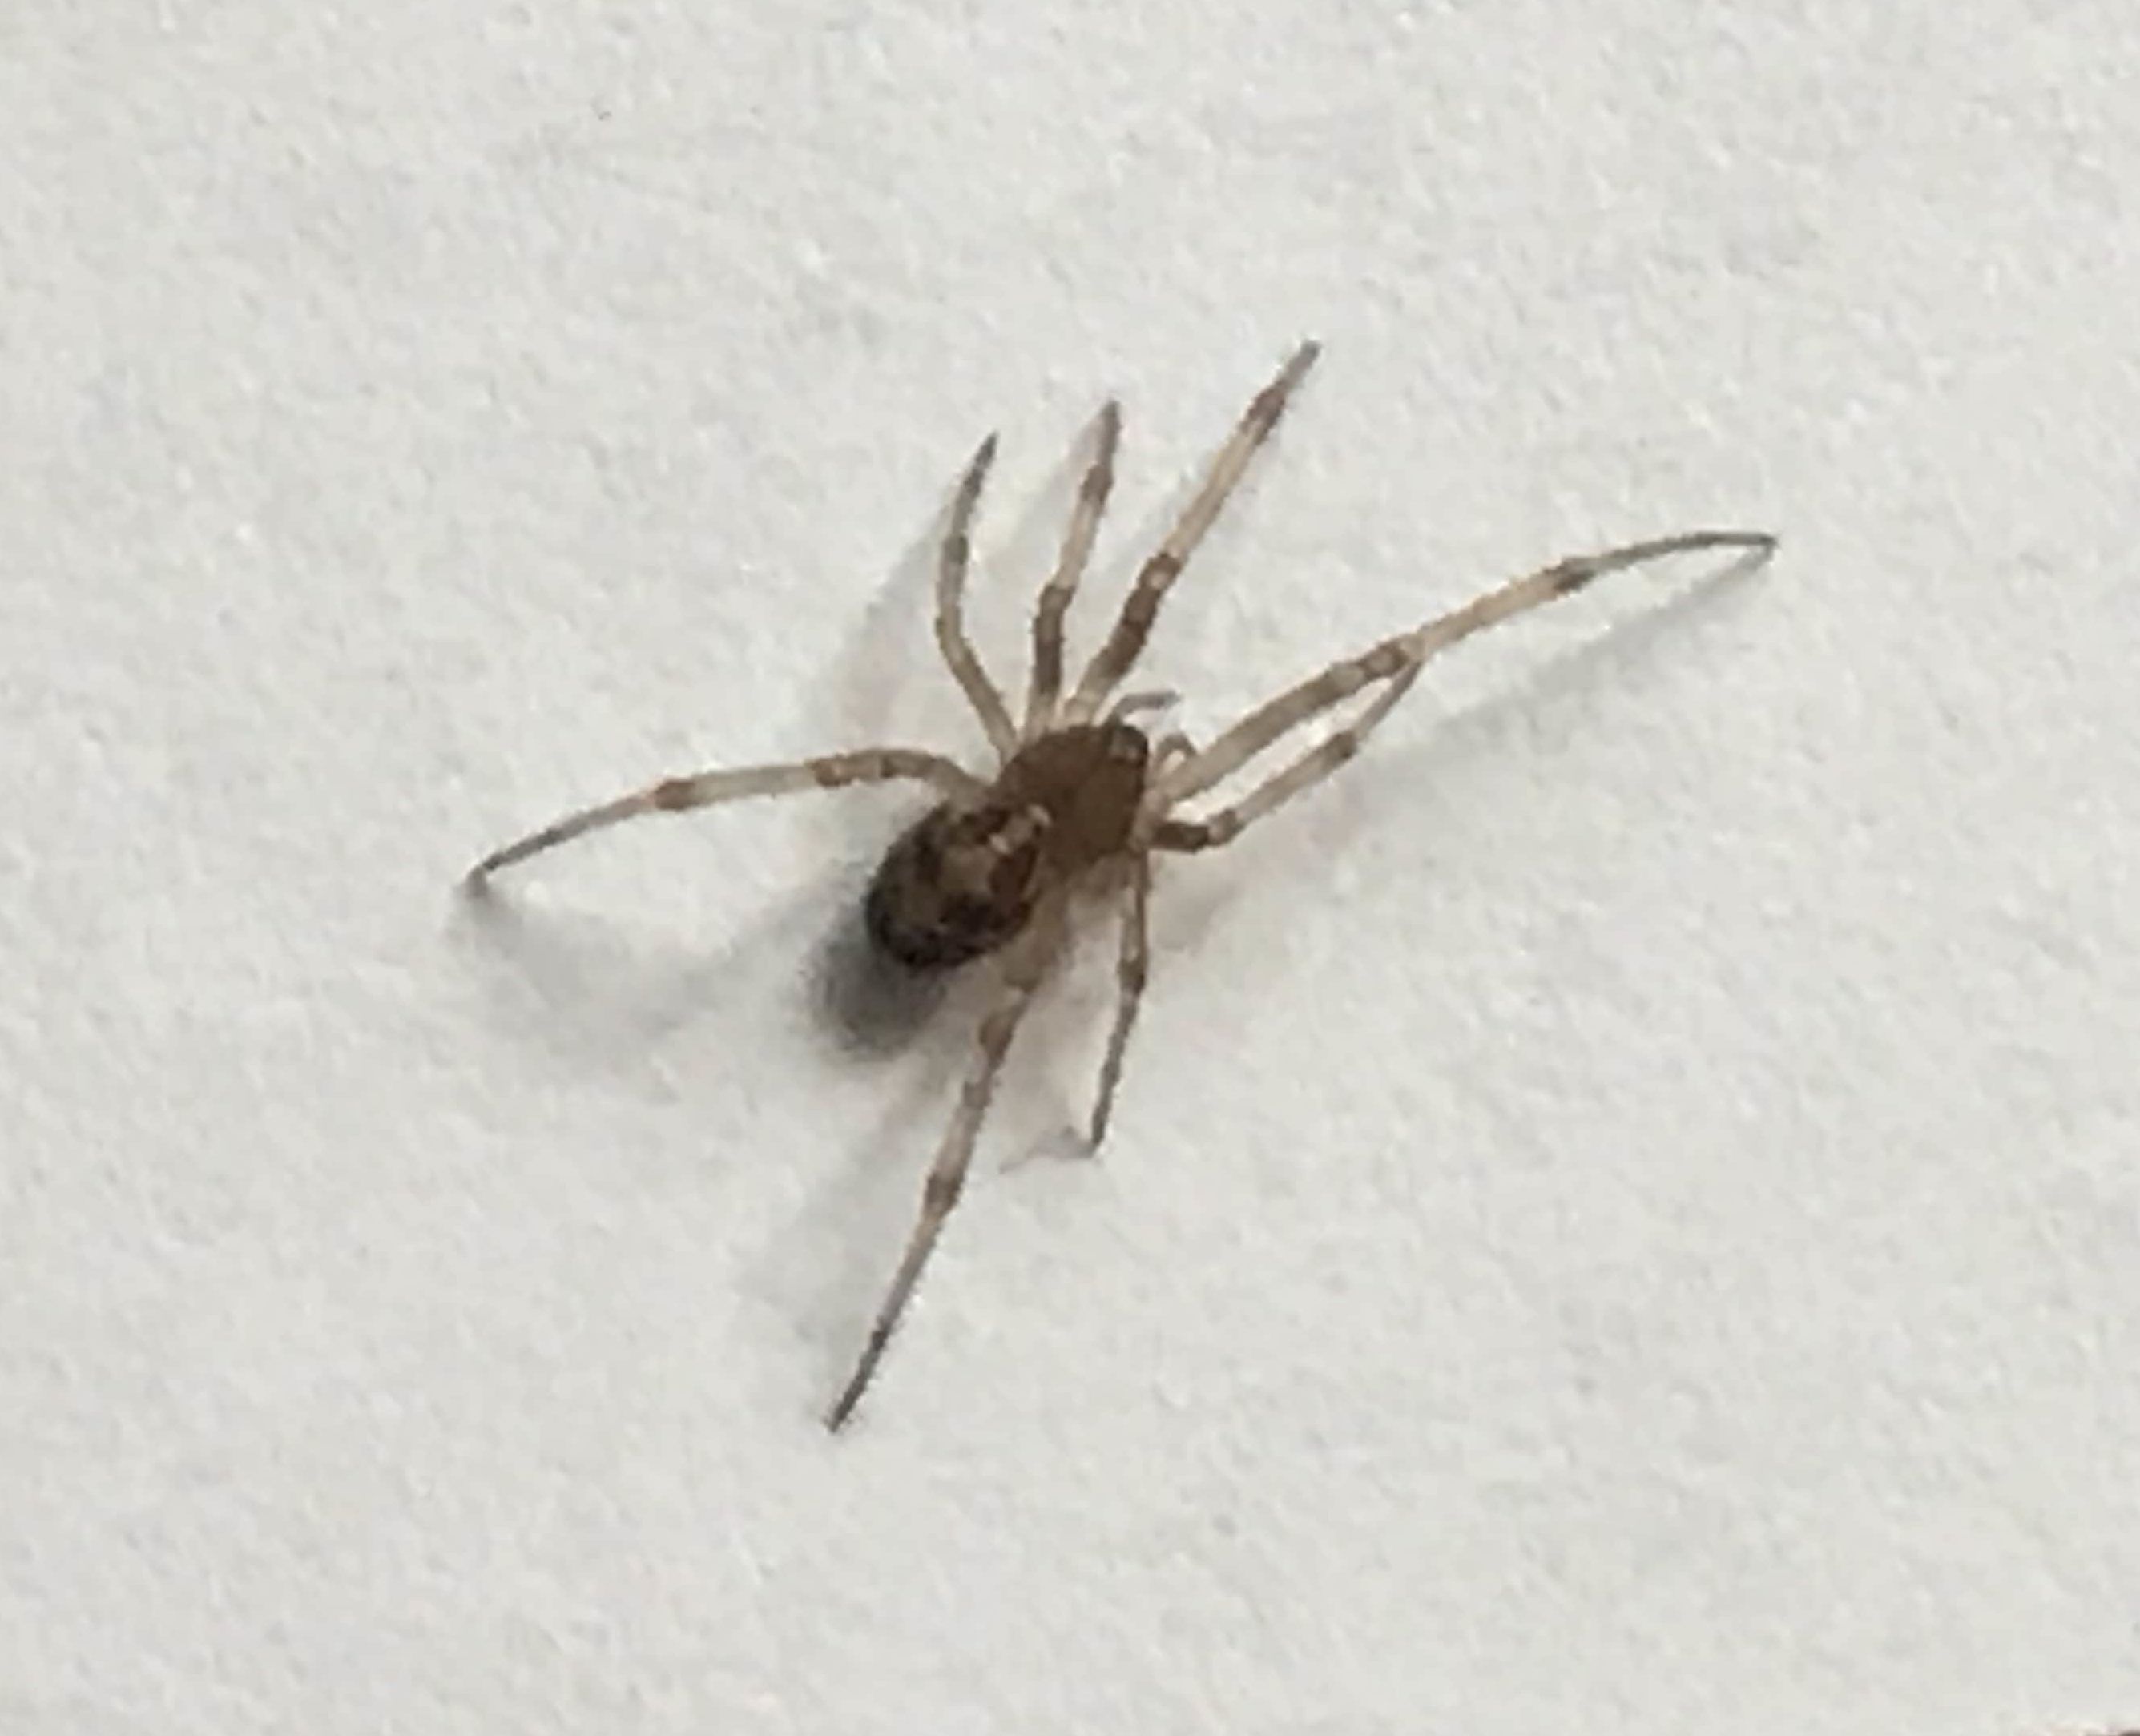 Picture of Steatoda triangulosa (Triangulate Cobweb Spider) - Dorsal